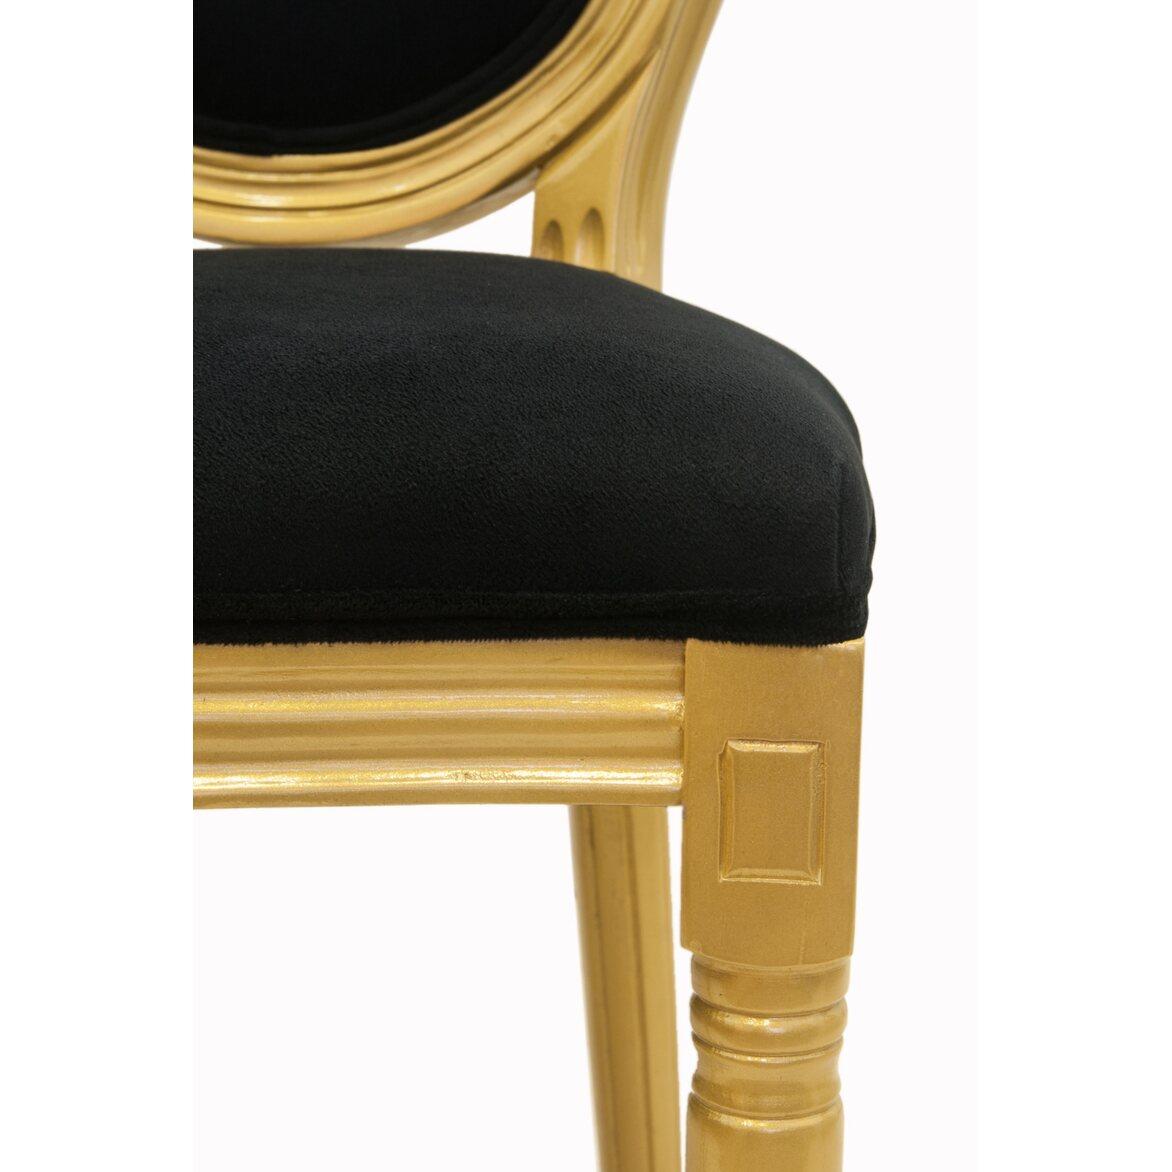 Стул Volker black gold 5 | Обеденные стулья Kingsby